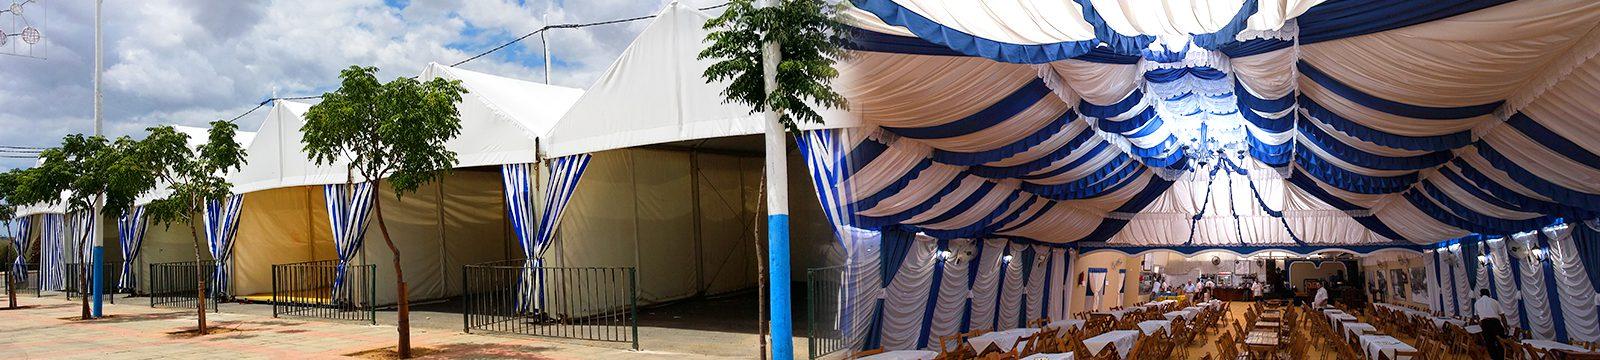 tents - Mondaca carpas